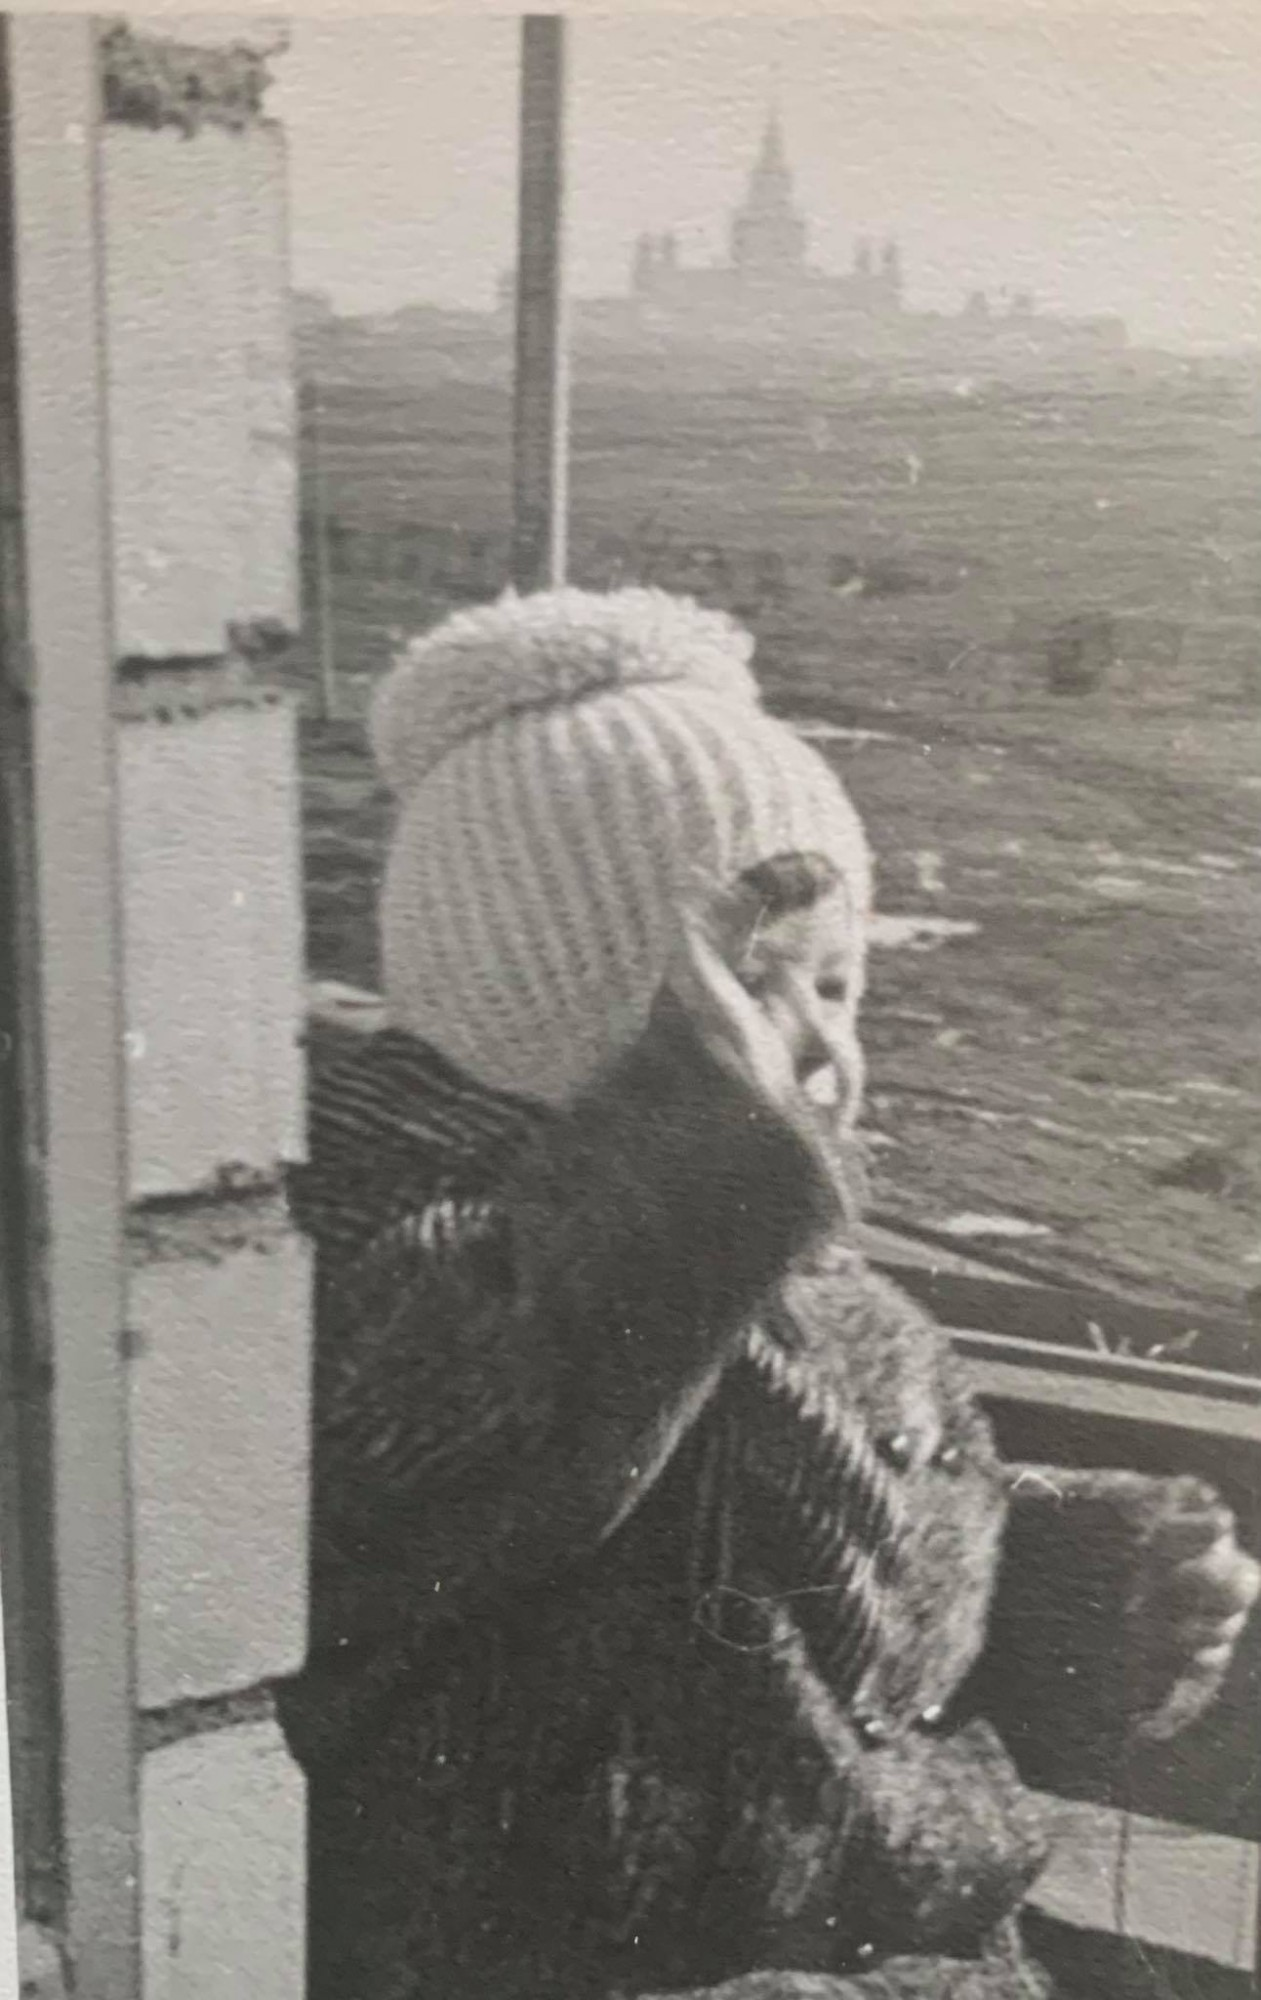 1970-71 из дома 30 к 1 по Озерной было видно здание МГУ и можно было смотреть салют с балкона